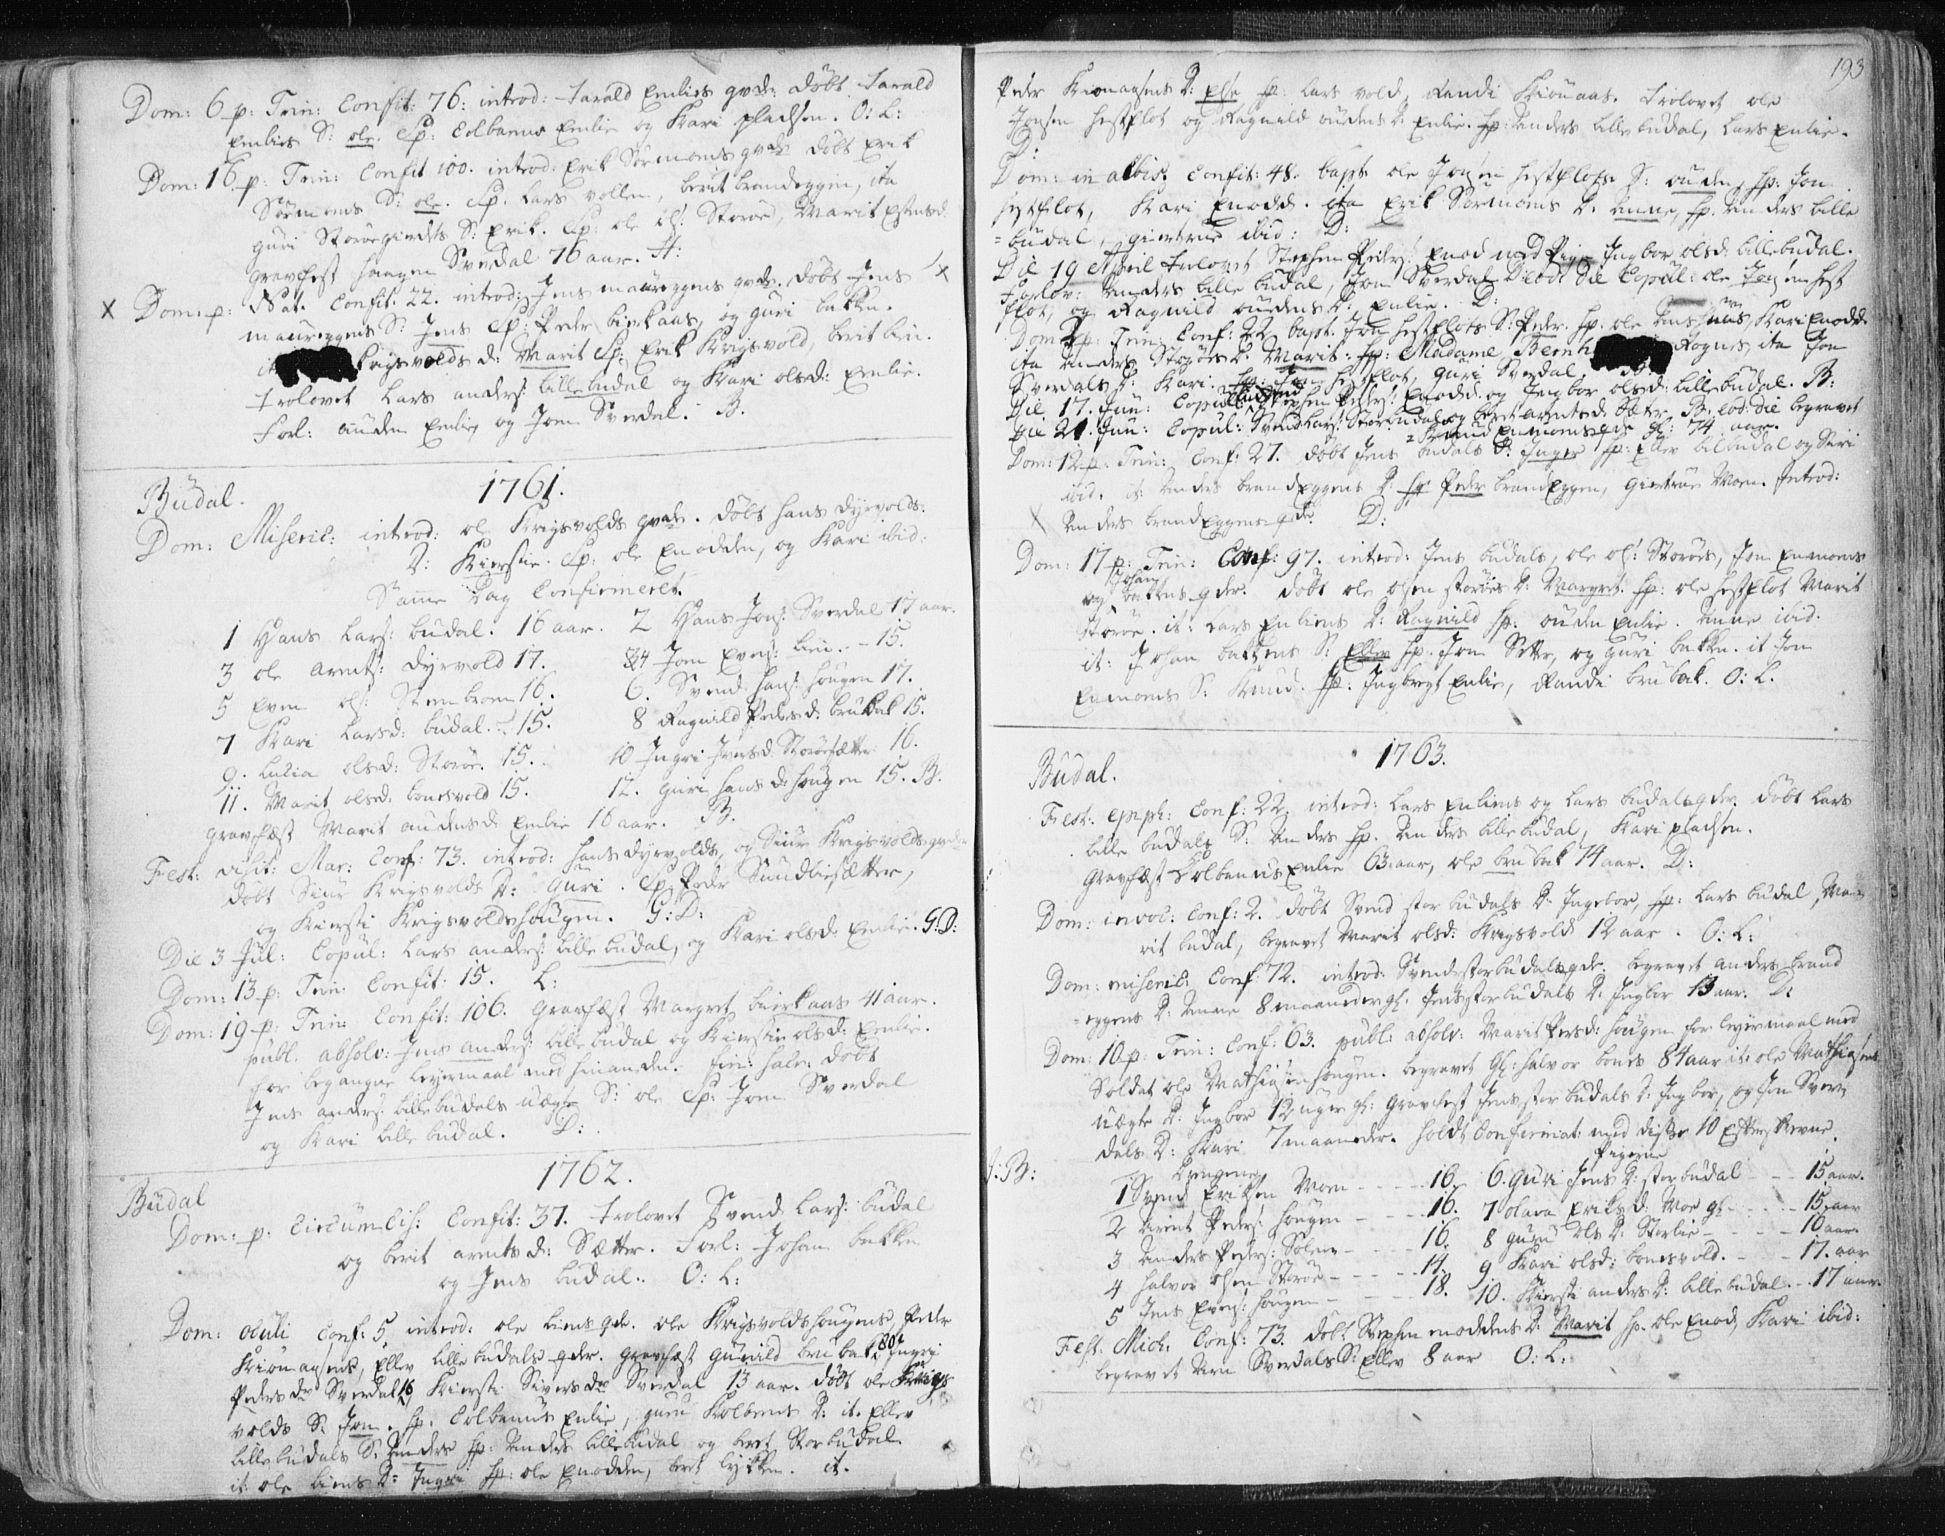 SAT, Ministerialprotokoller, klokkerbøker og fødselsregistre - Sør-Trøndelag, 687/L0991: Ministerialbok nr. 687A02, 1747-1790, s. 193